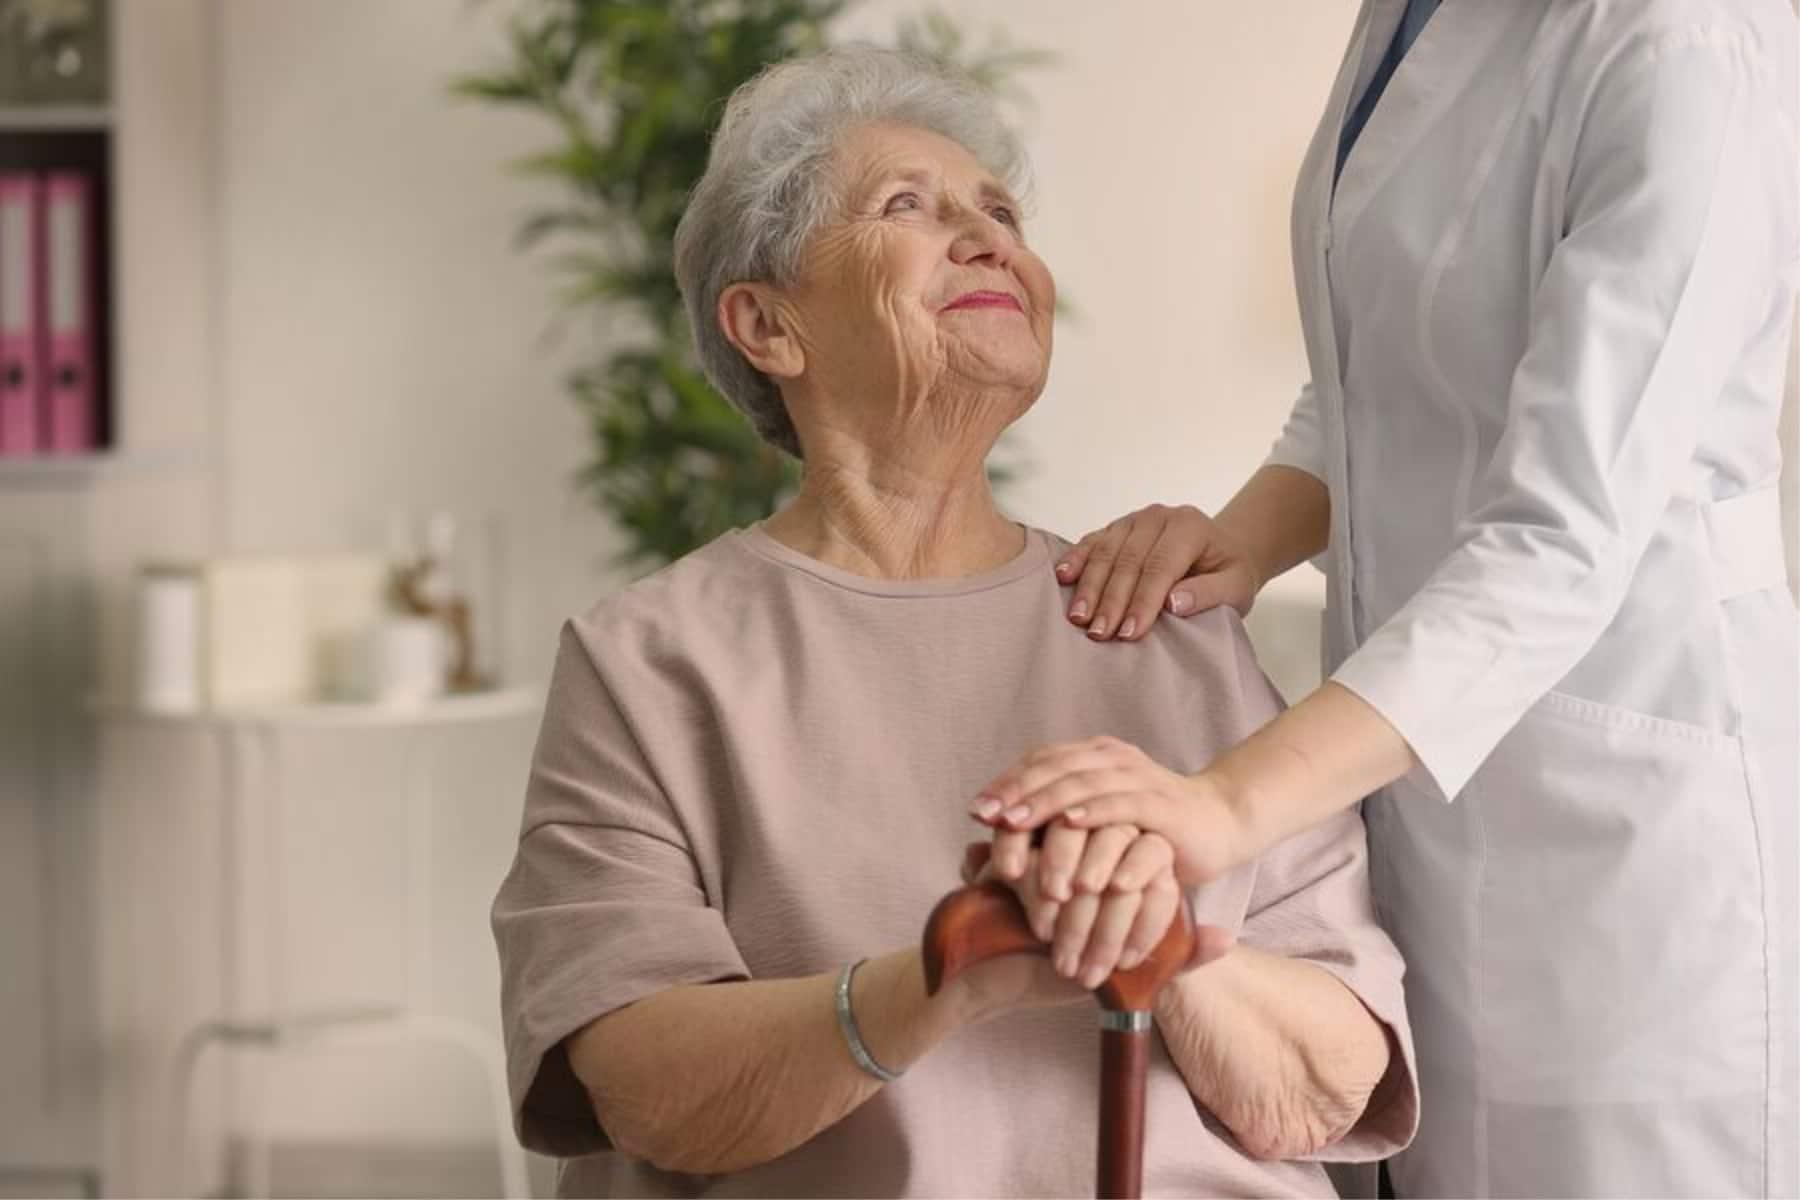 Elderly Care in Buford GA: Dementia